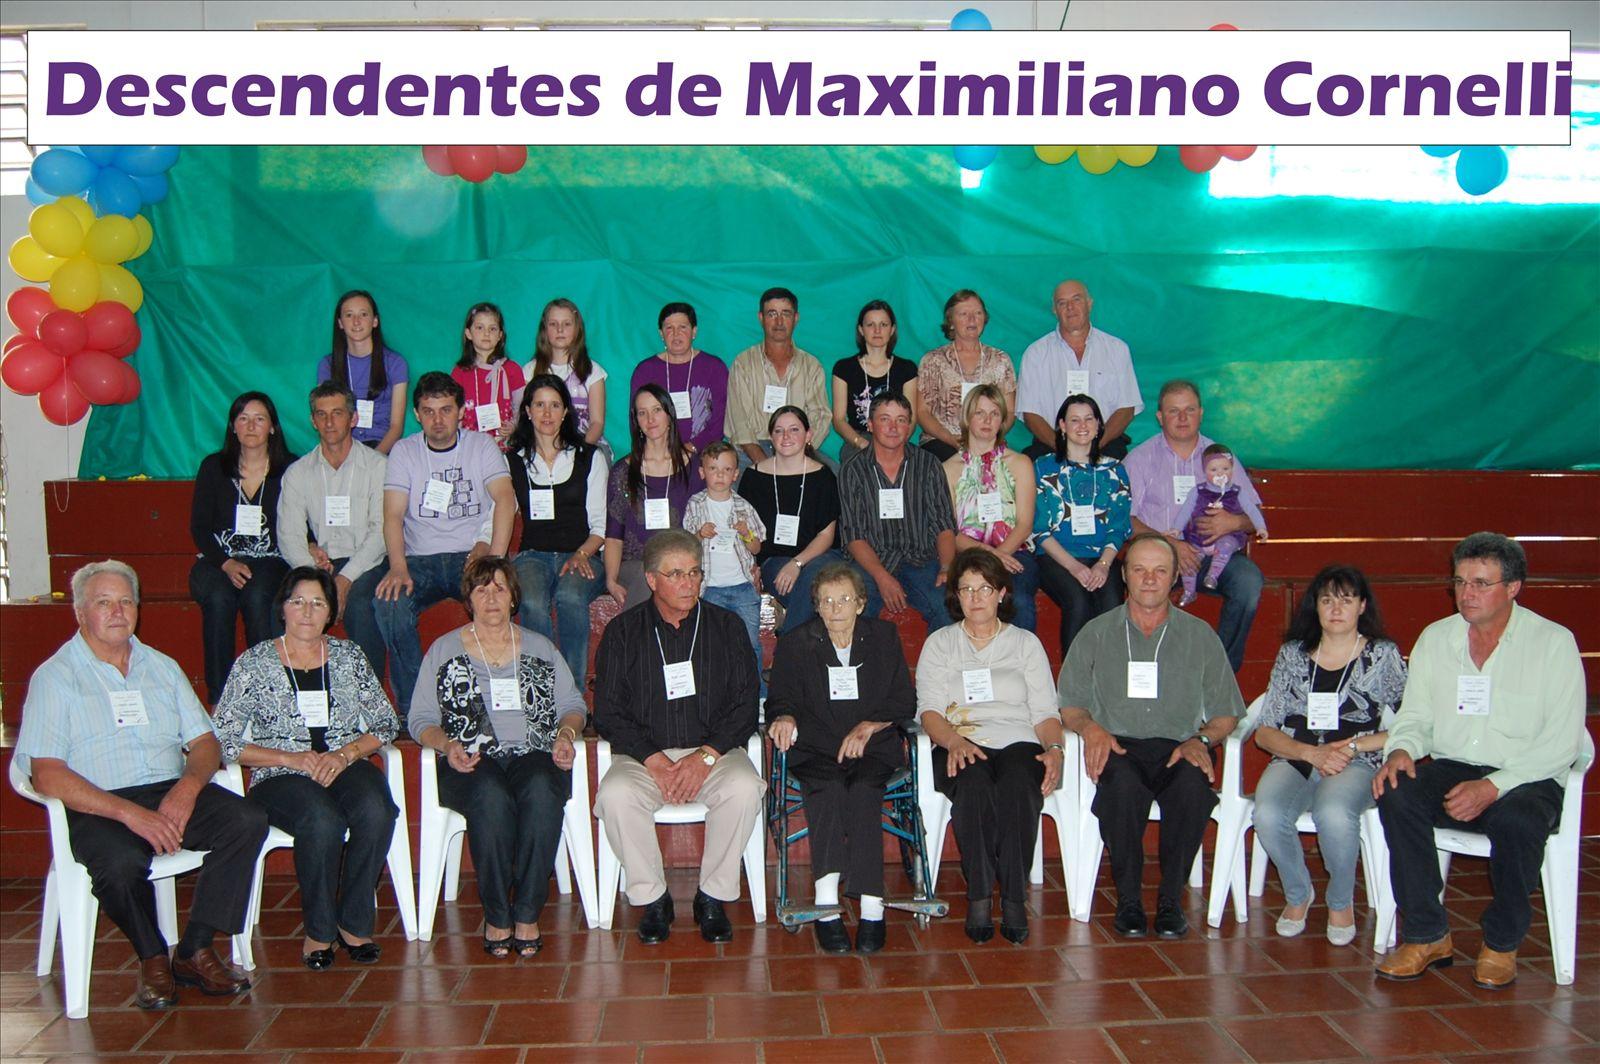 Descendentes de Maximiliano Cornelli 02_0